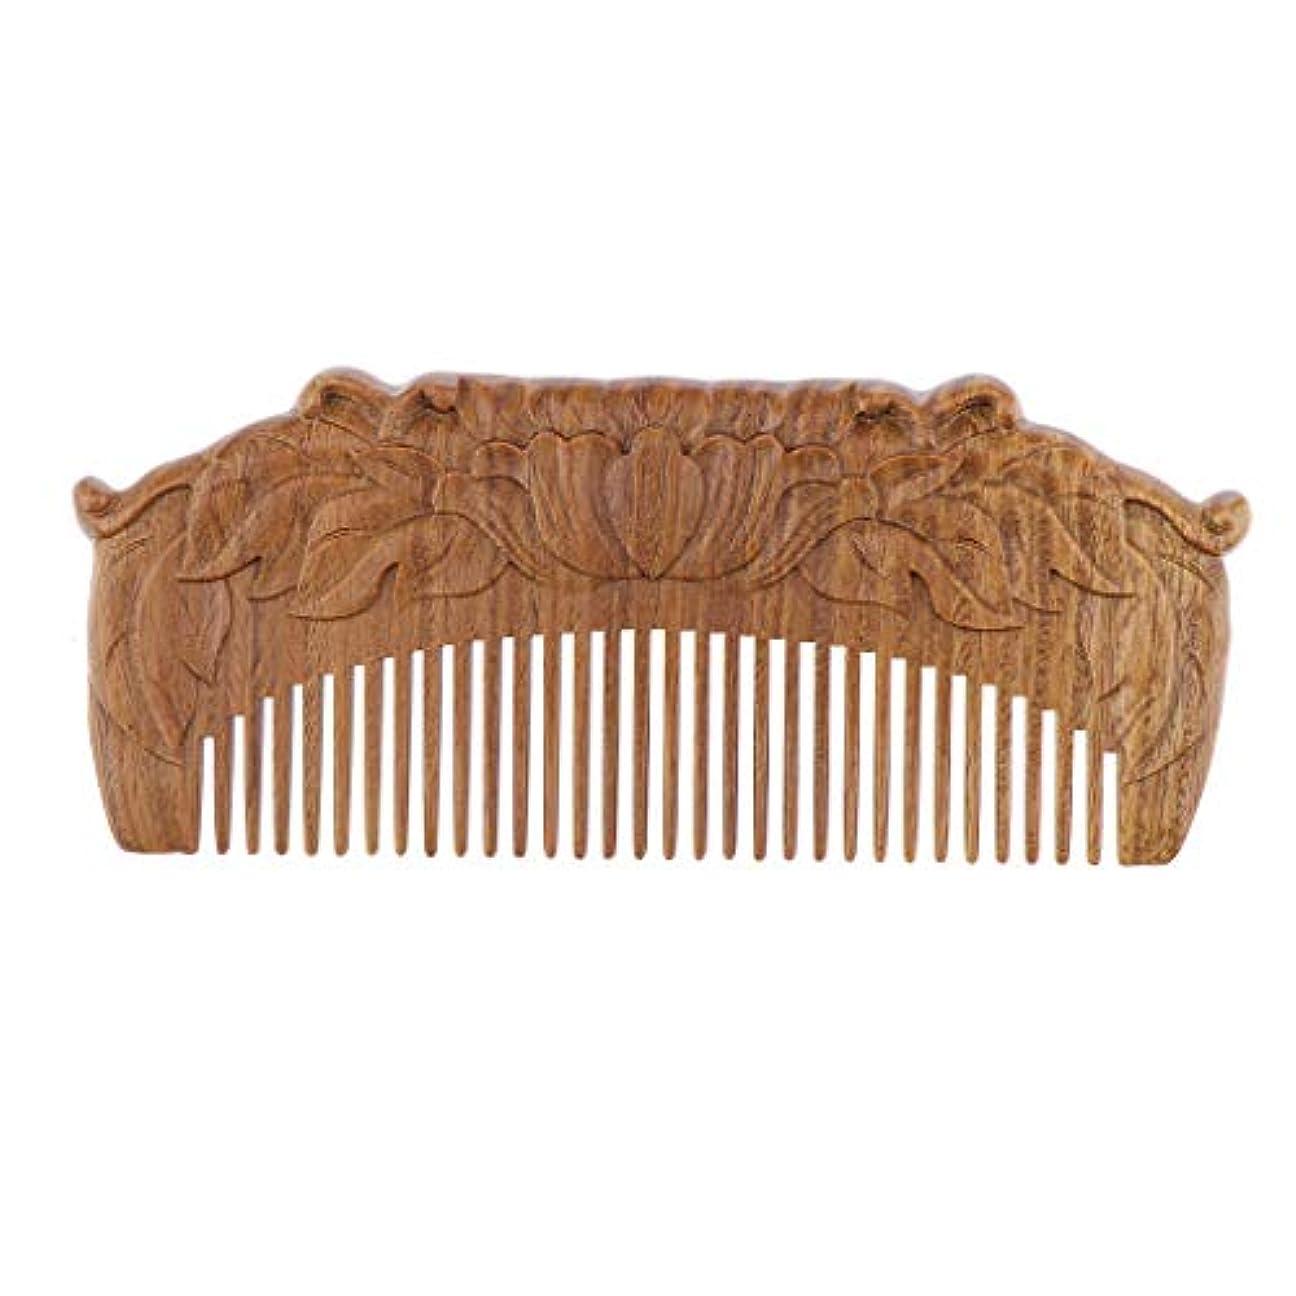 付き添い人みなさん無臭木製櫛 ヘアコーム ヘアブラシ 天然木 手作り プレゼント